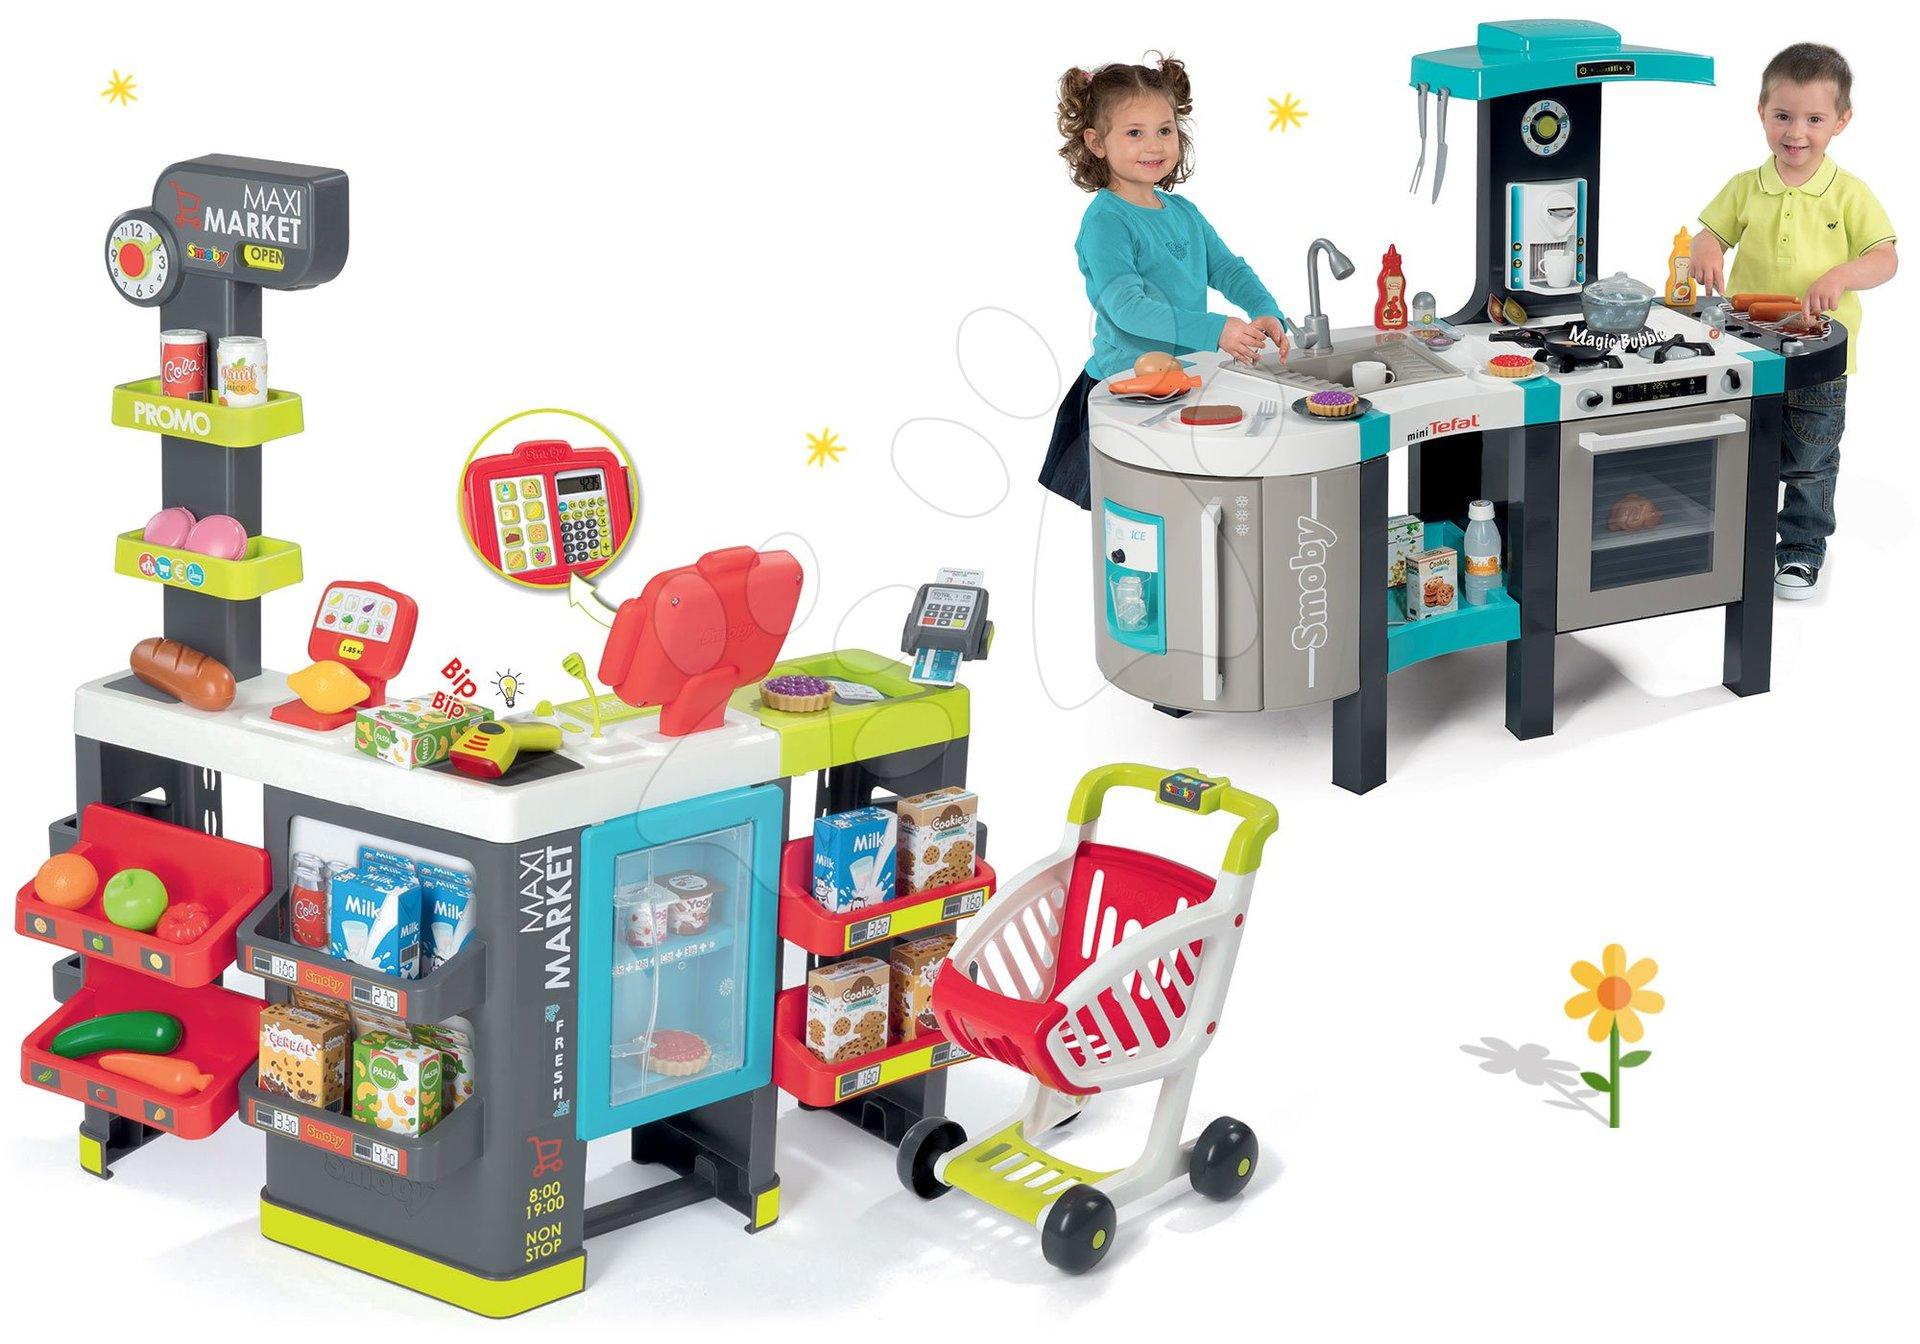 Smoby set obchod zmiešaný tovar Maximarket a kuchynka Tefal French Touch s bublajúcim hrncom 350215-2